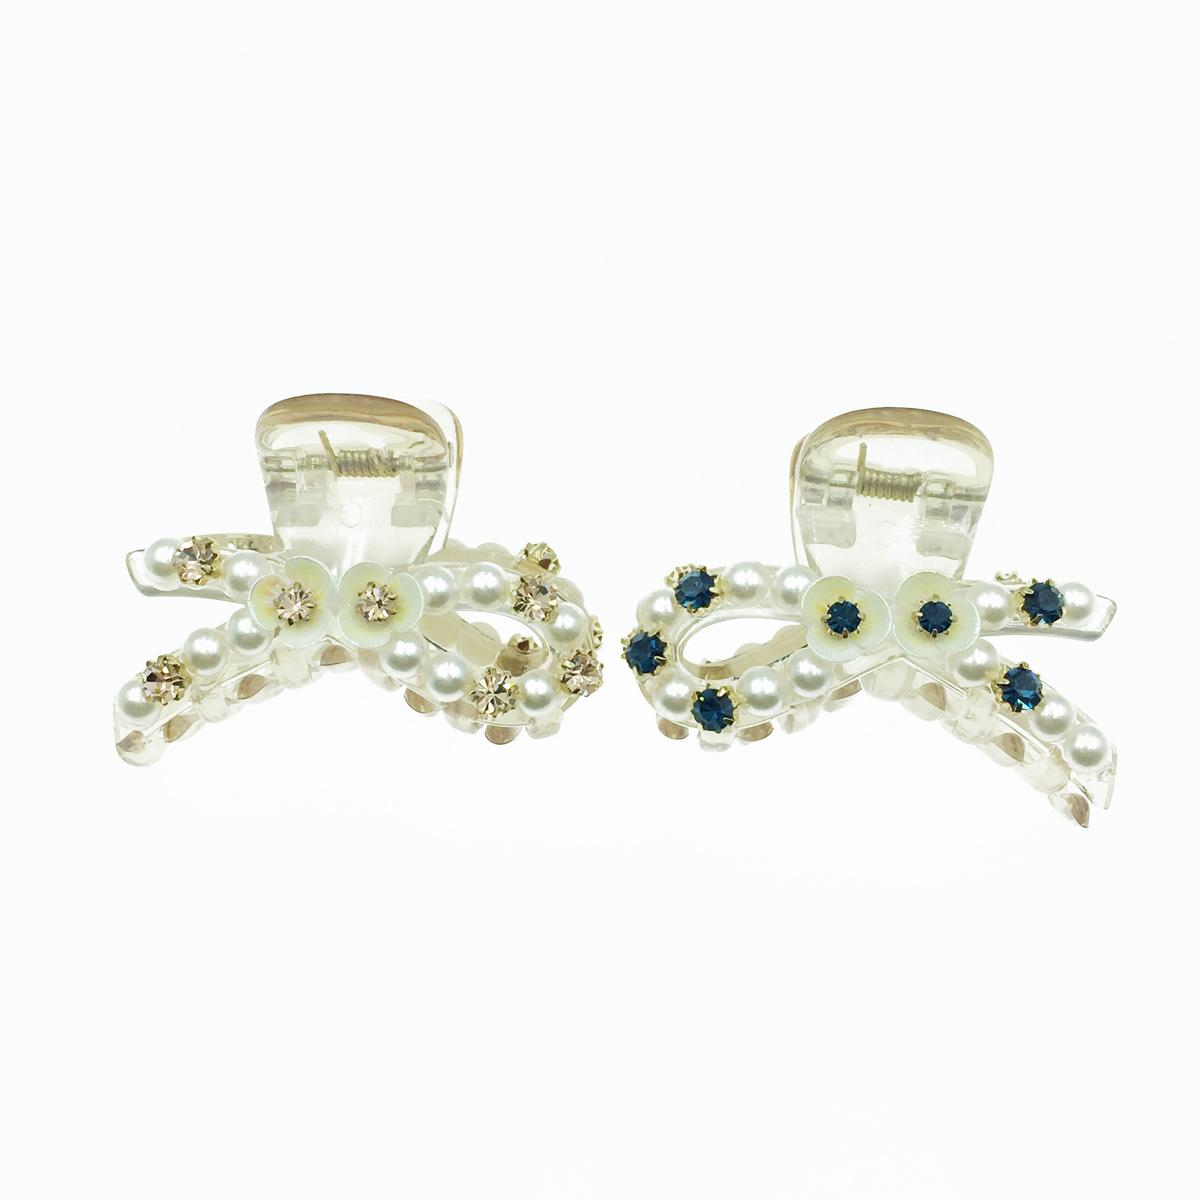 韓國 透明感 蝴蝶結 水鑽 珍珠 花 2色 髮飾 爪夾 髮夾